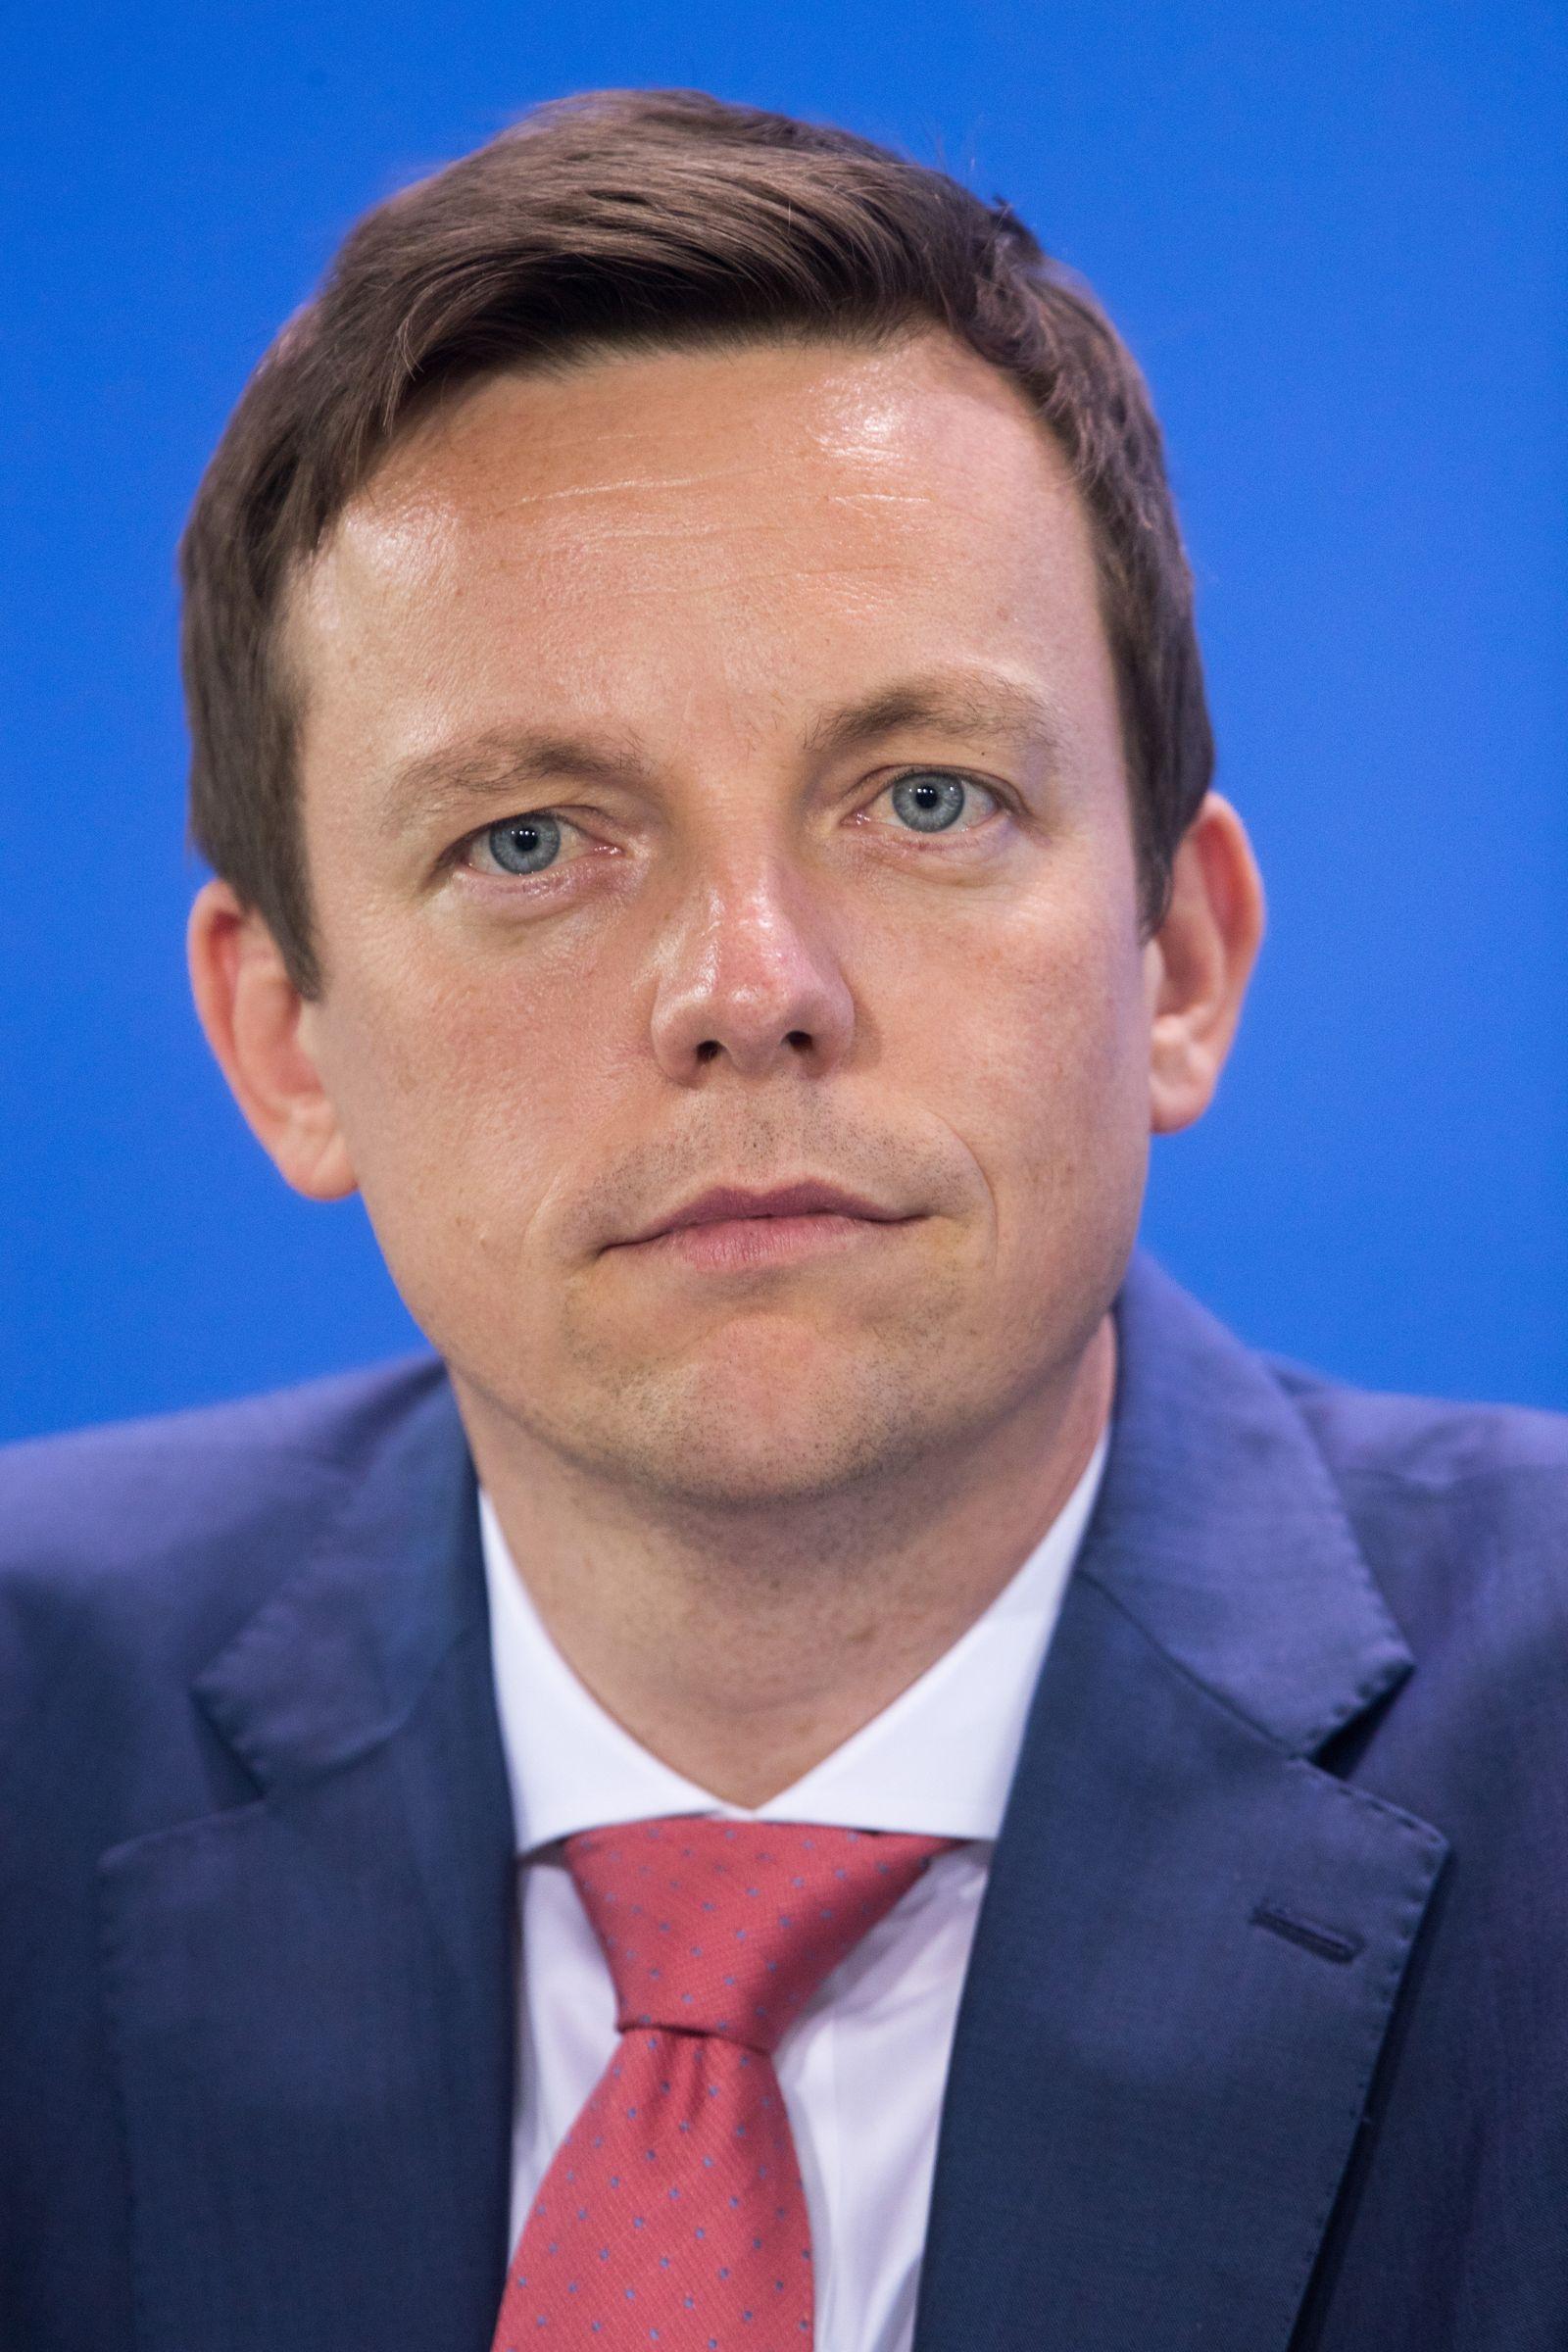 Ministerpräsident Schwesig